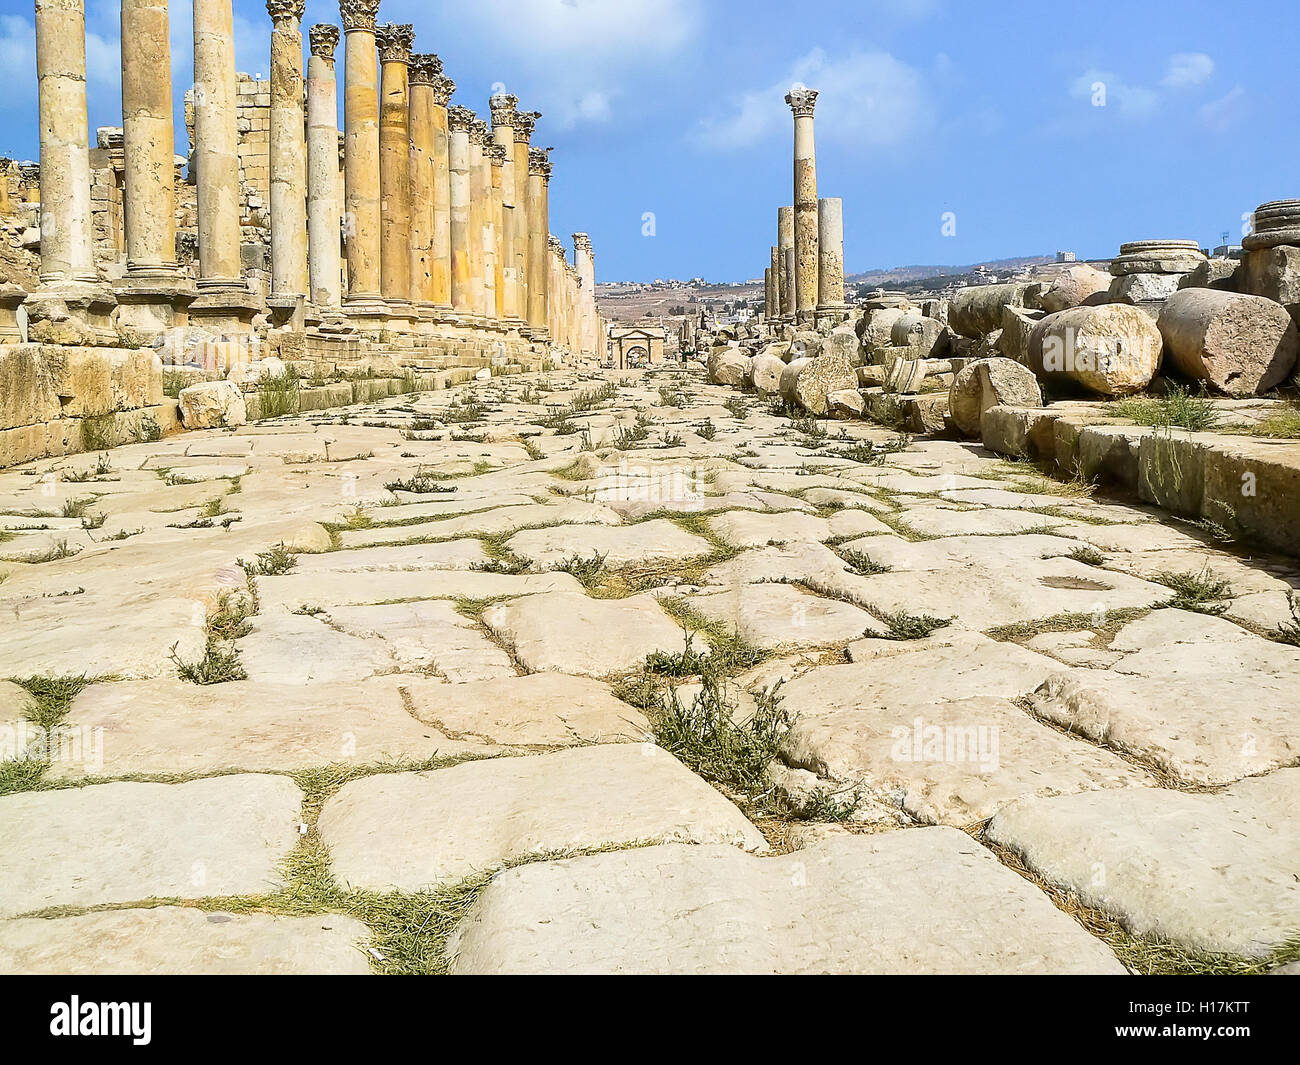 Marks of roman cartwheels, Jerash, Jordan - Stock Image